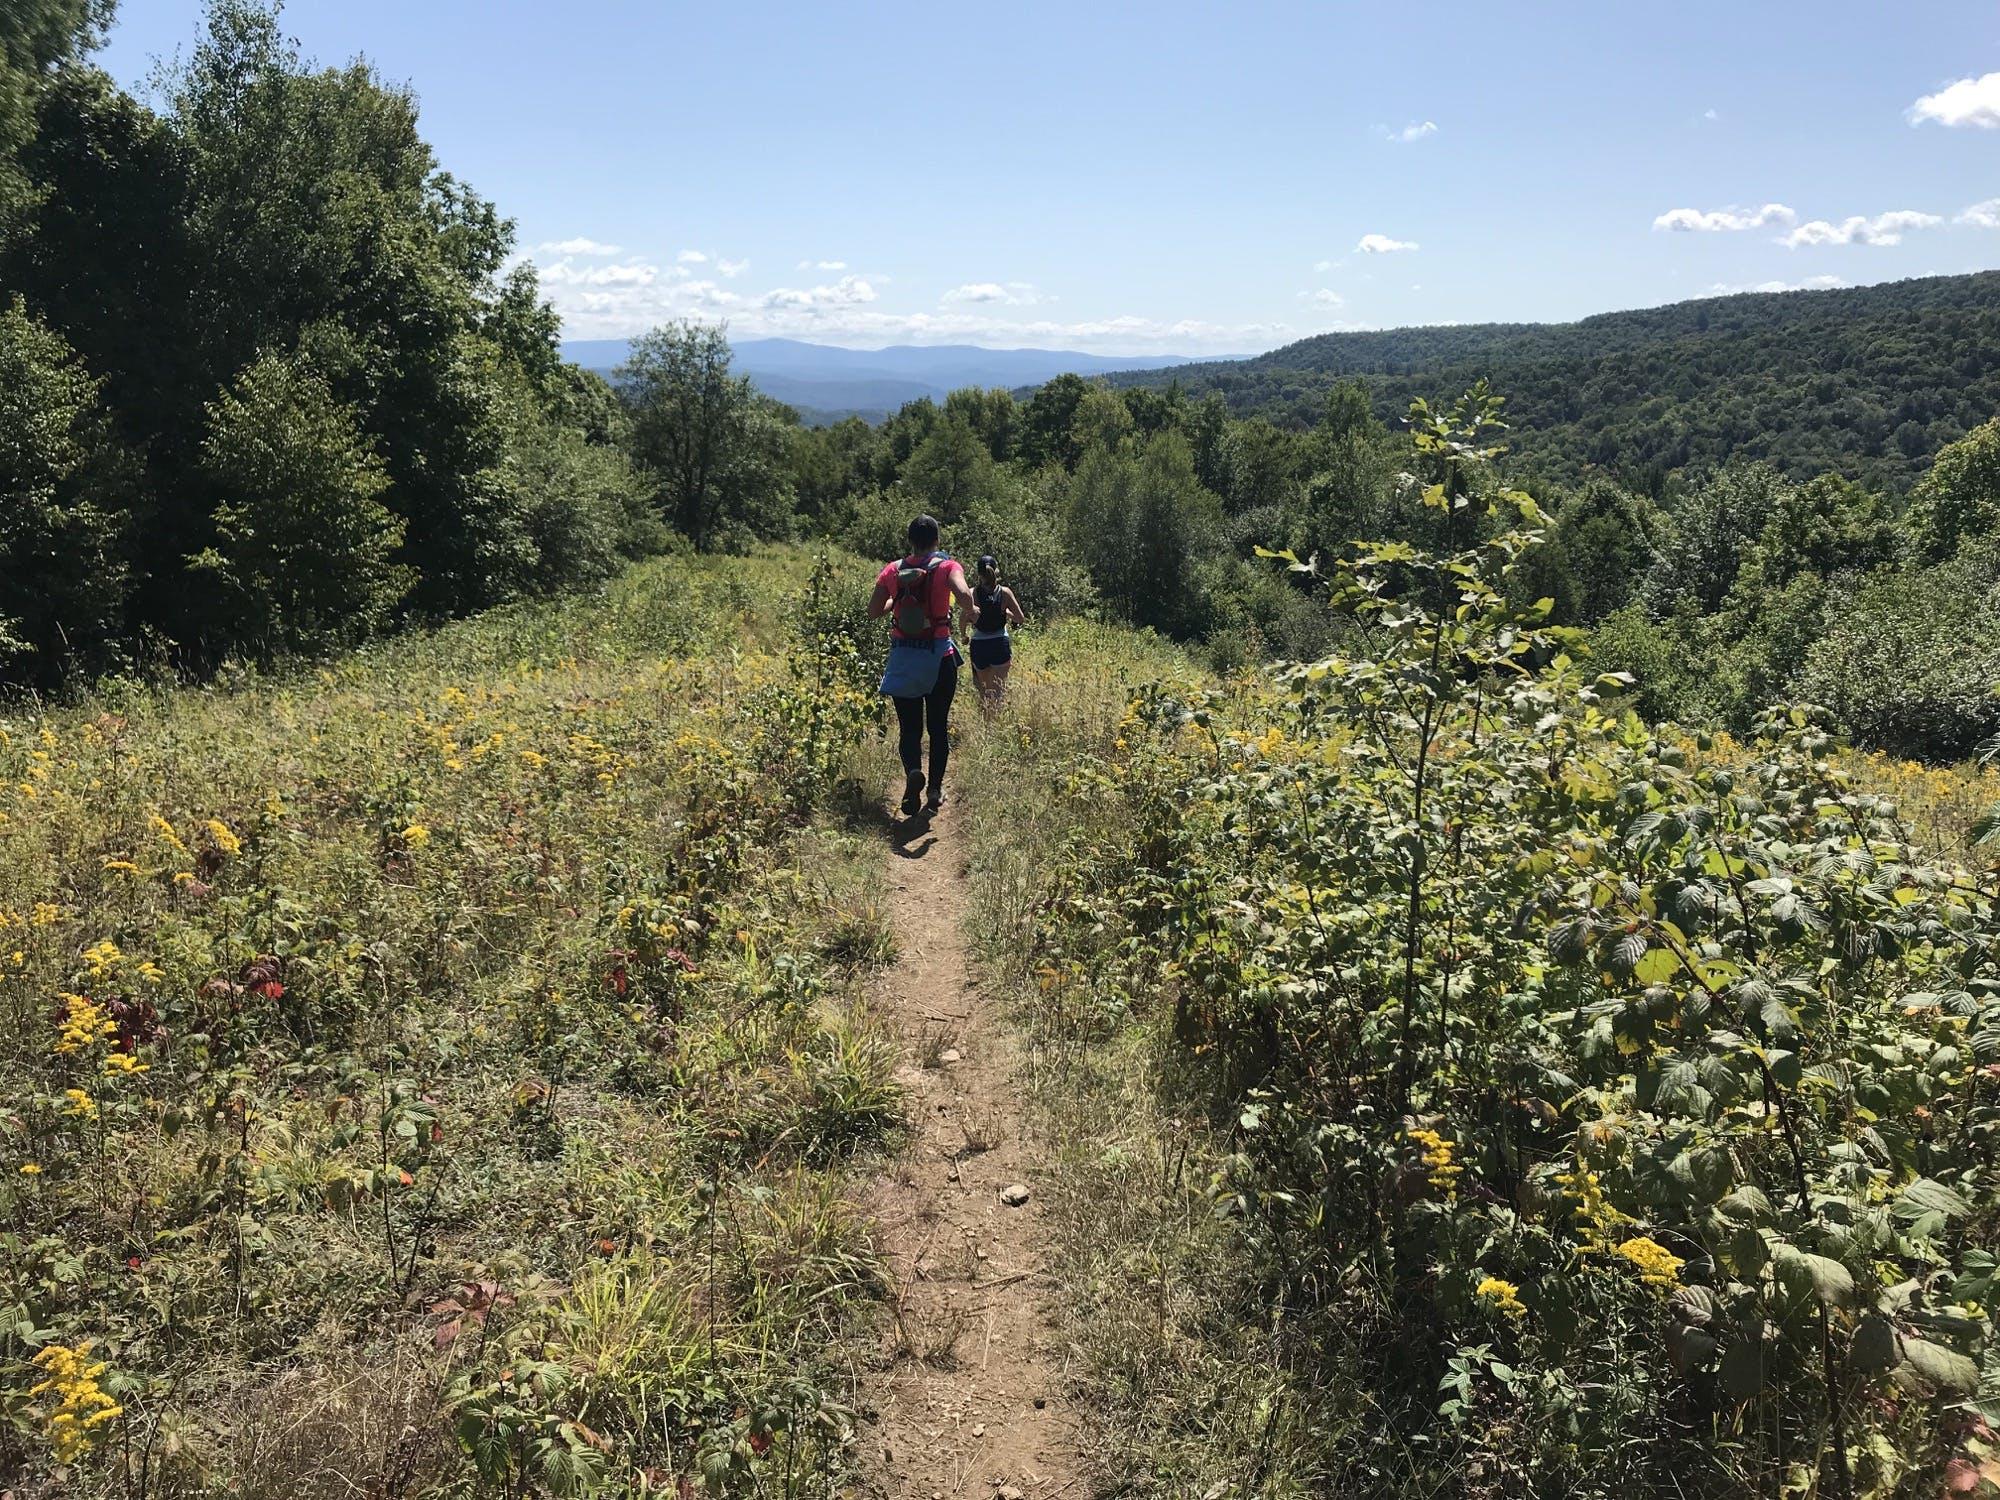 9/7 A 25 miler in Pomfret